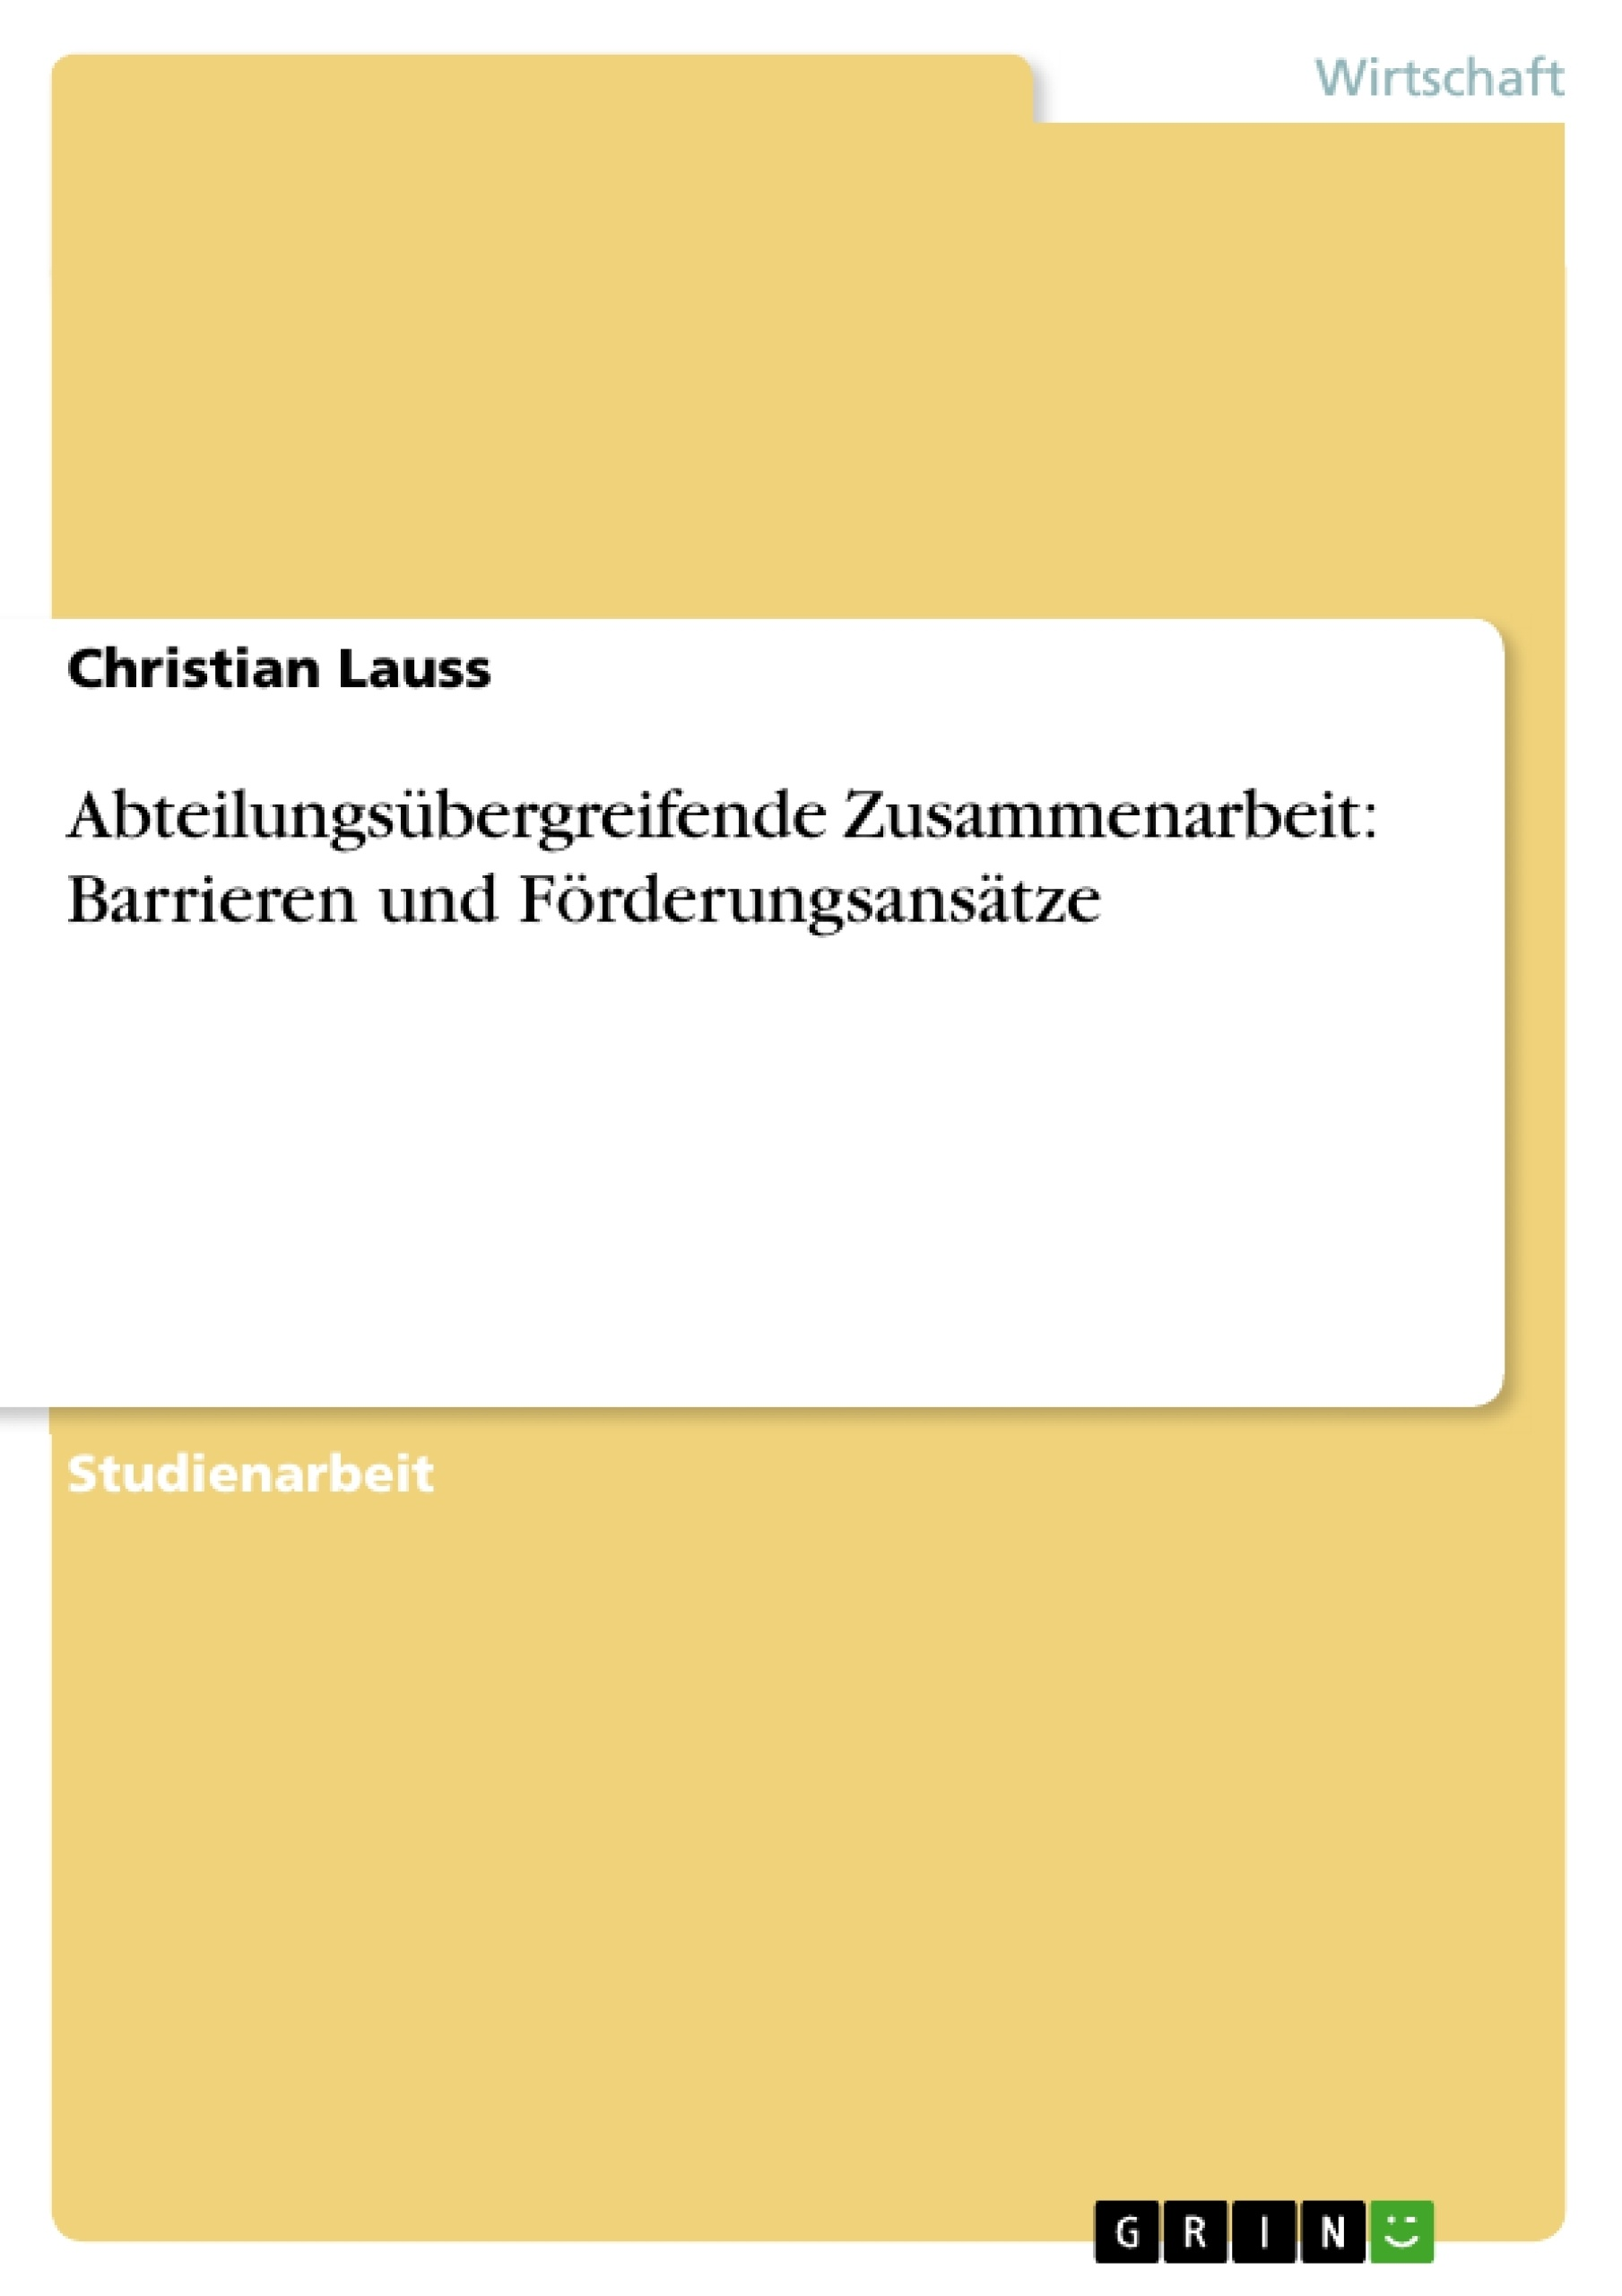 Titel: Abteilungsübergreifende Zusammenarbeit: Barrieren und Förderungsansätze